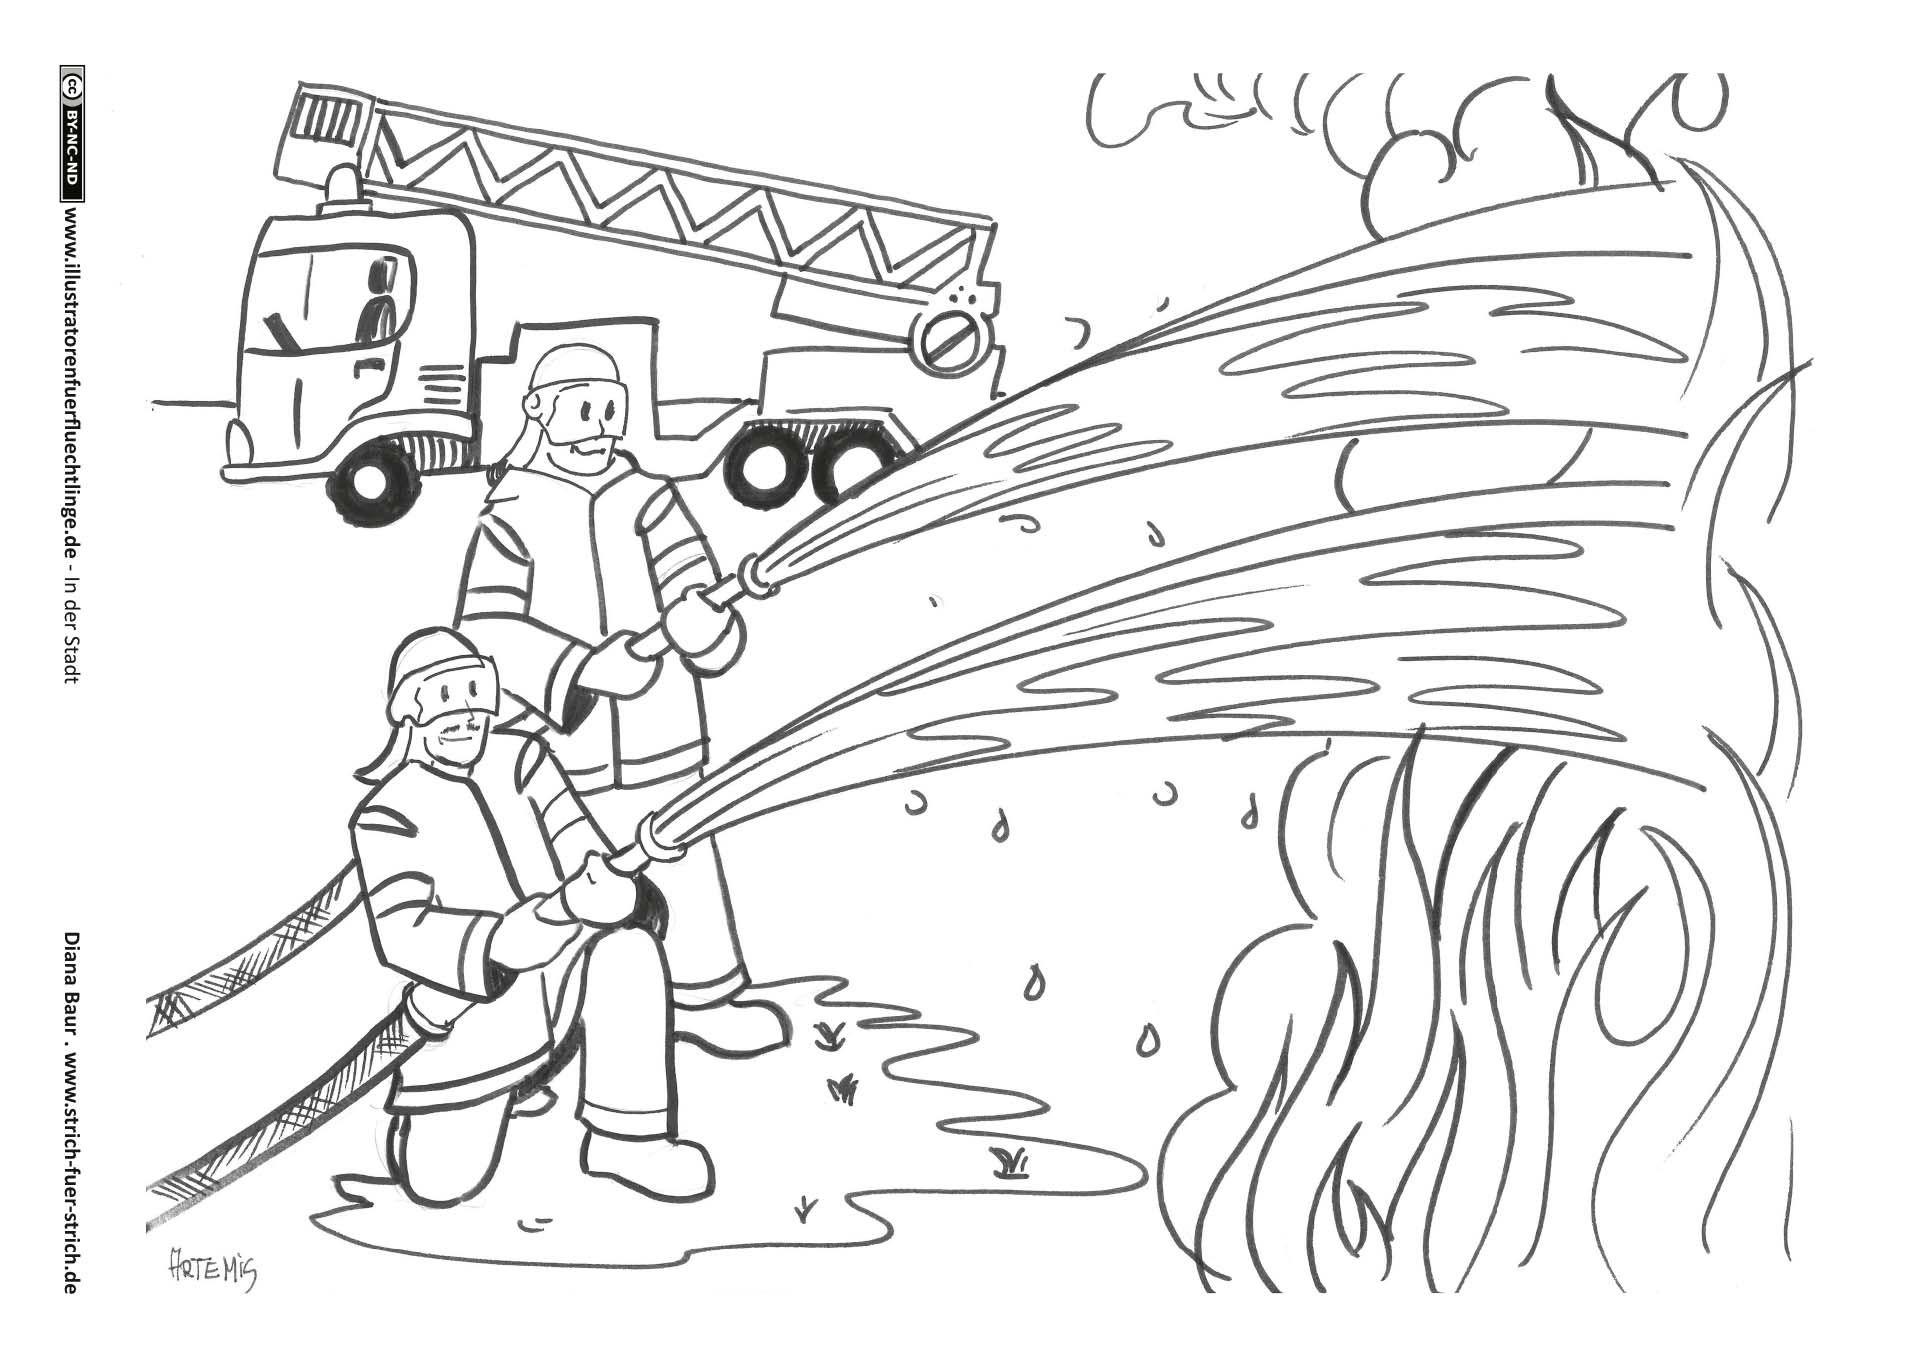 Feuerwehr Malvorlage feuerwehr Ausmalbilder feuerwehr